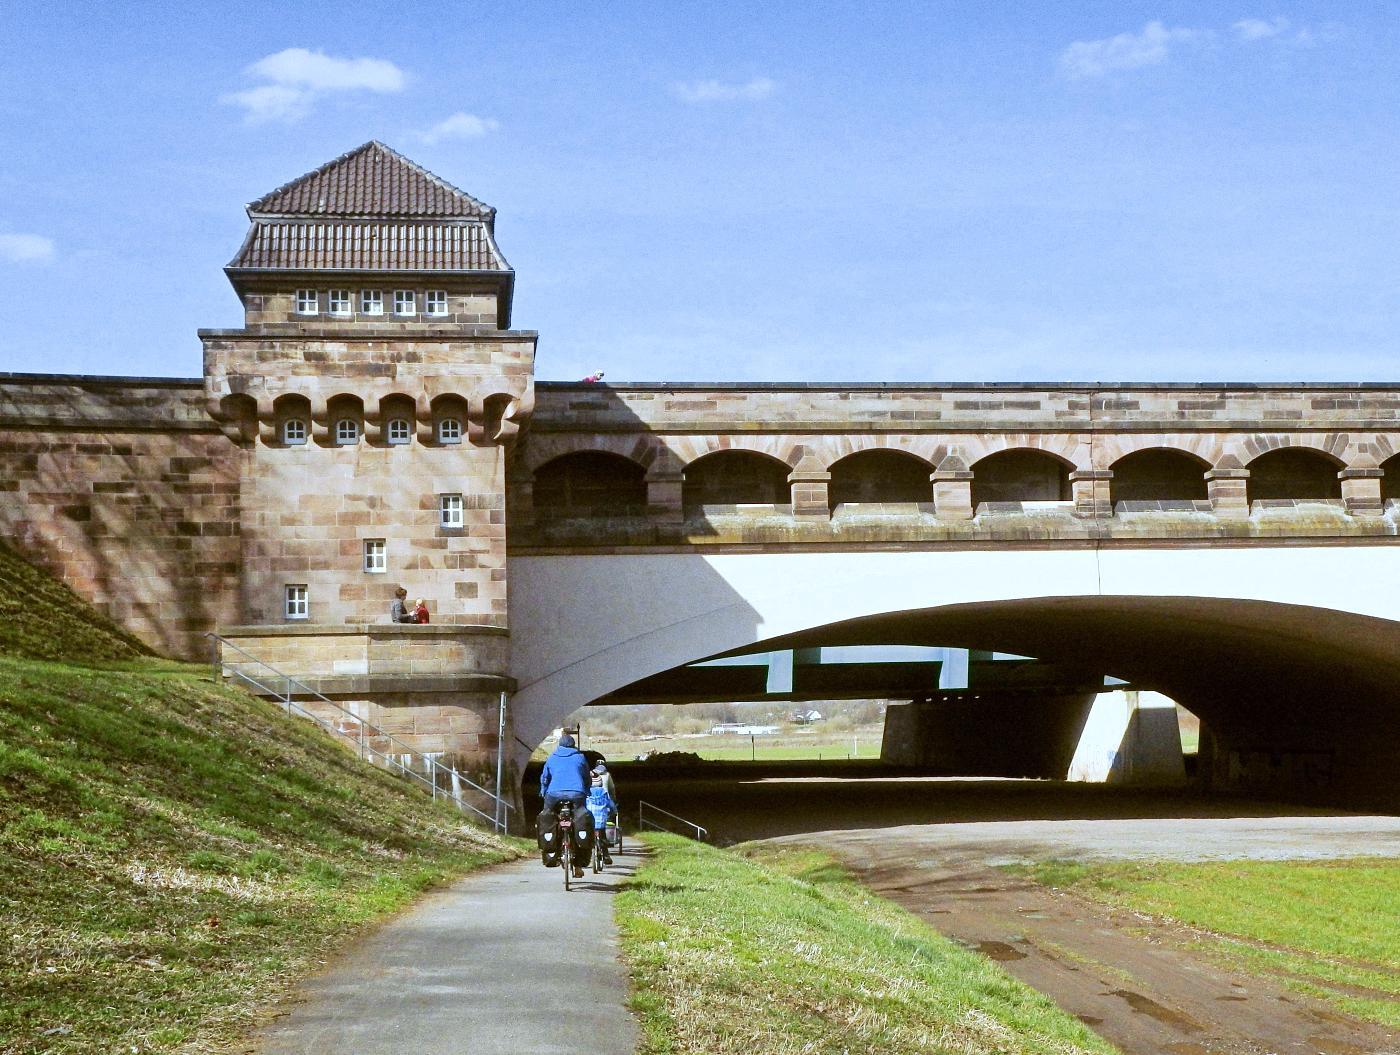 Mit dem Rad unter den Trogbrücken hindurch